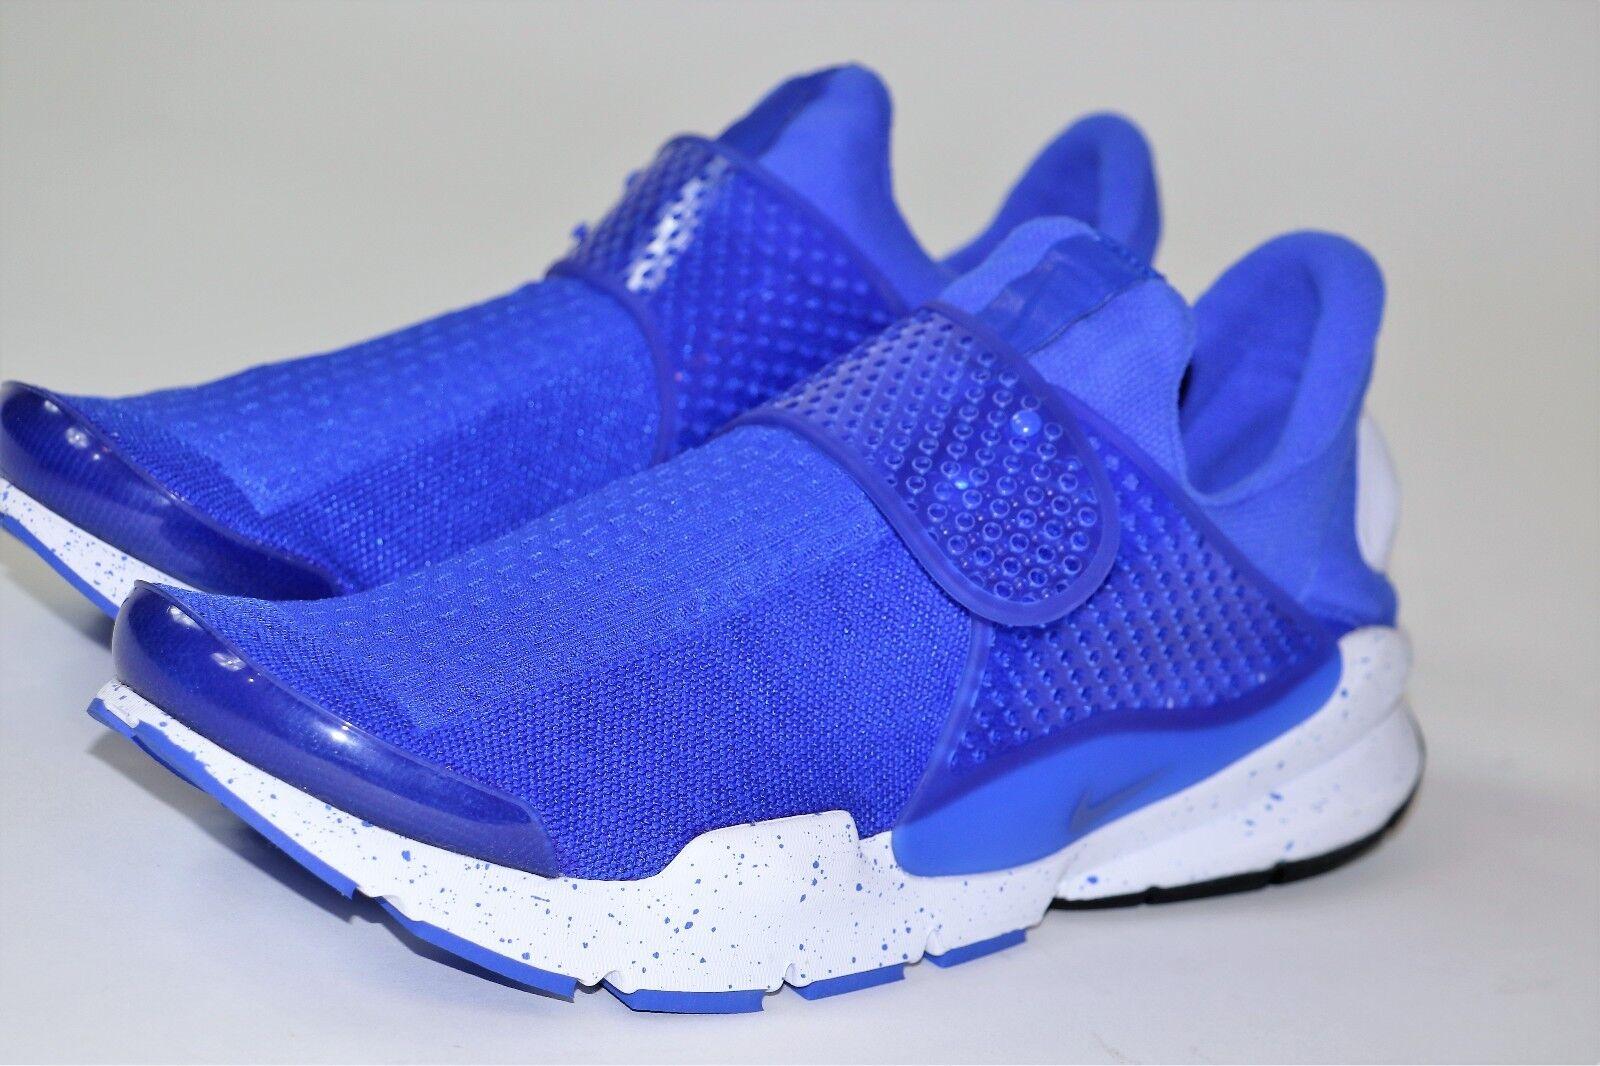 Nike Sock Dart SE Racer azul Men US 11 GOAT HYPEBEAST YEEZY KITH SNKRS